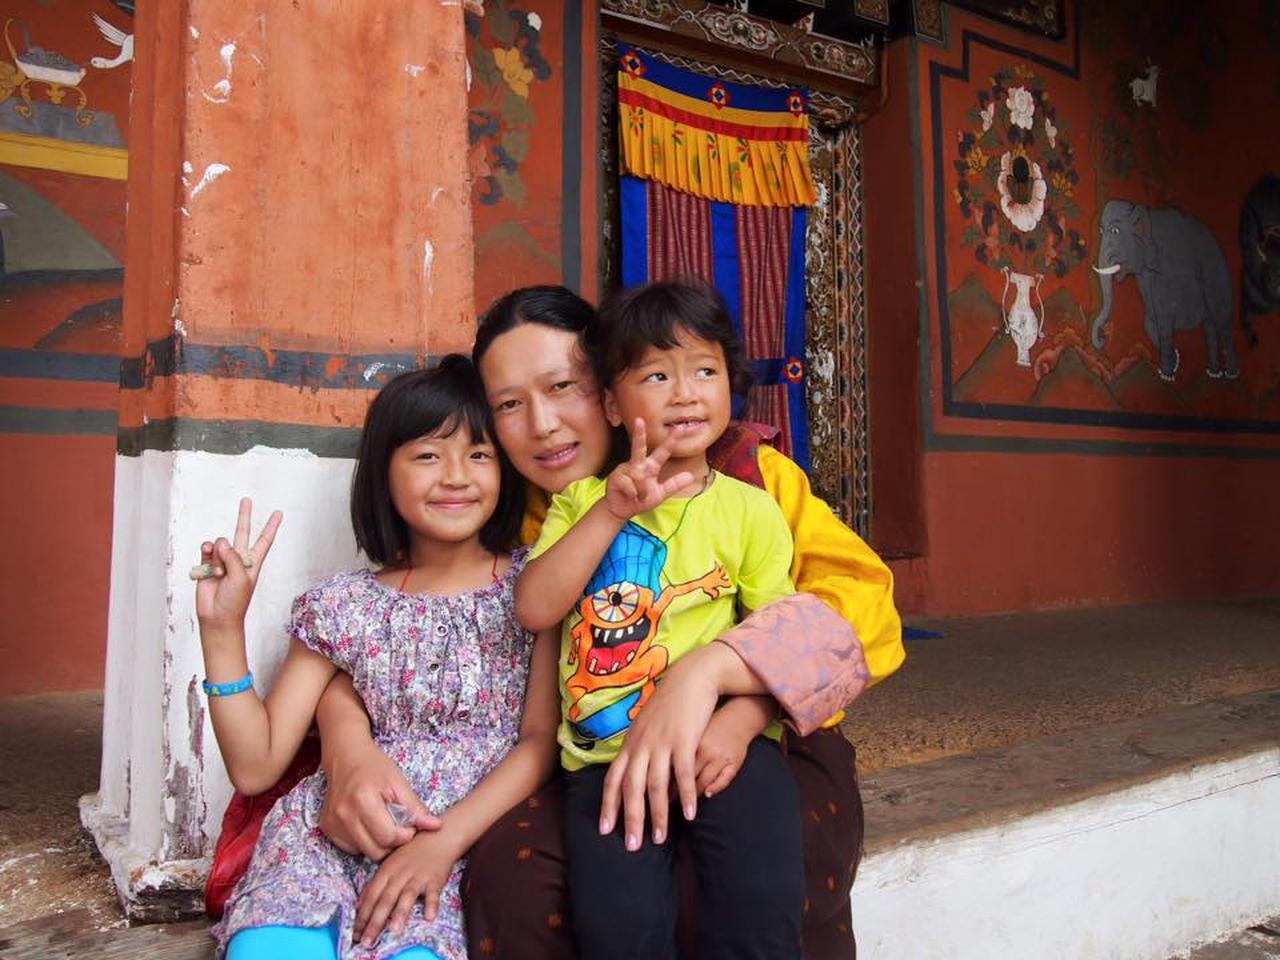 画像: ブータン旅行・ツアー | アジア | 海外旅行 | クラブツーリズム